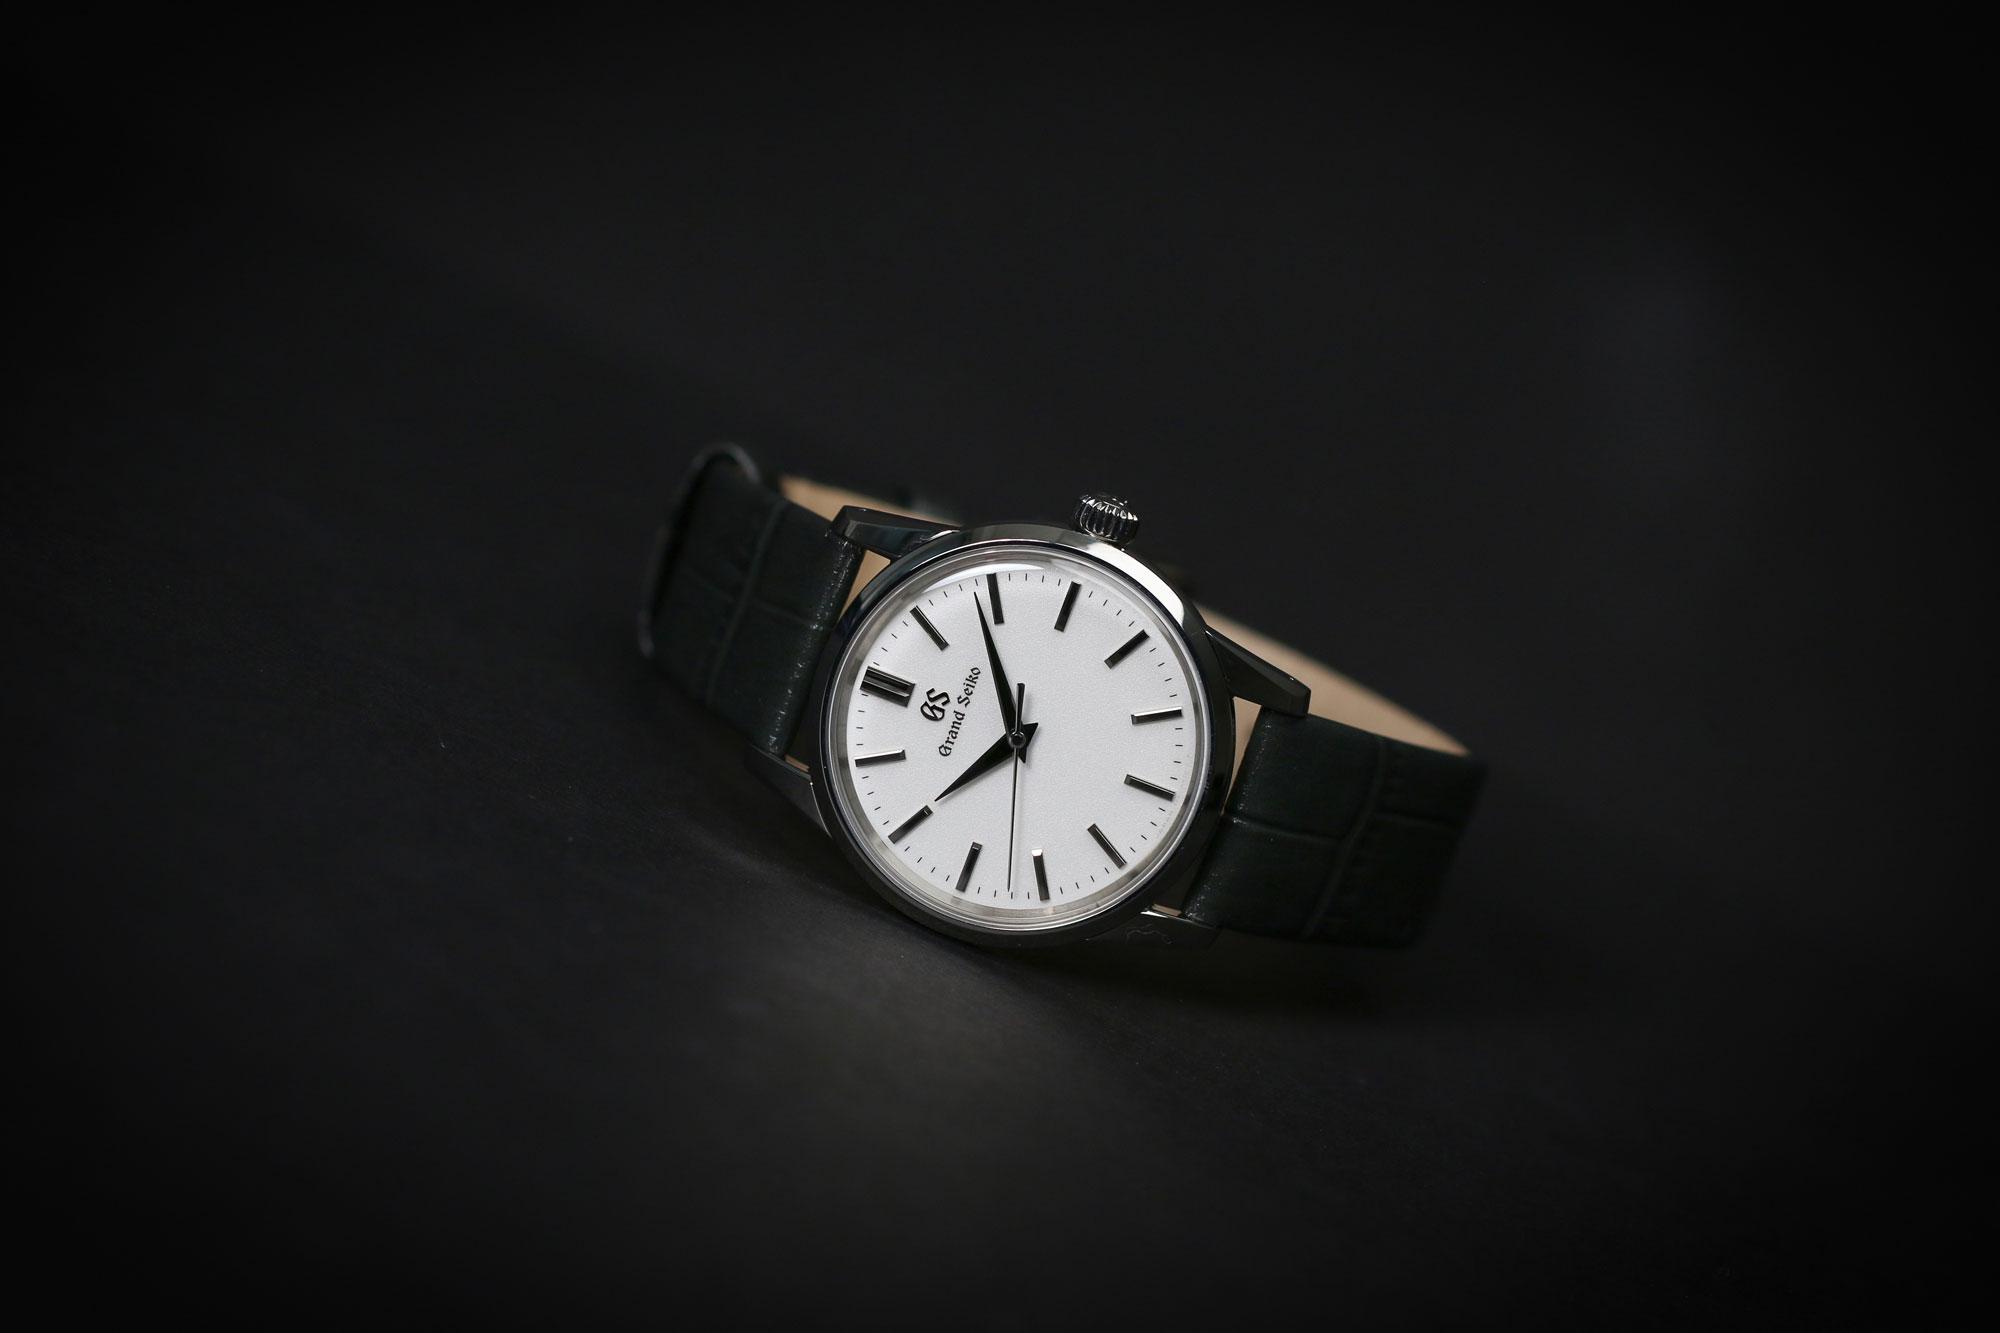 Grand Seiko SBGX347 white dial wristwatch for men and women.